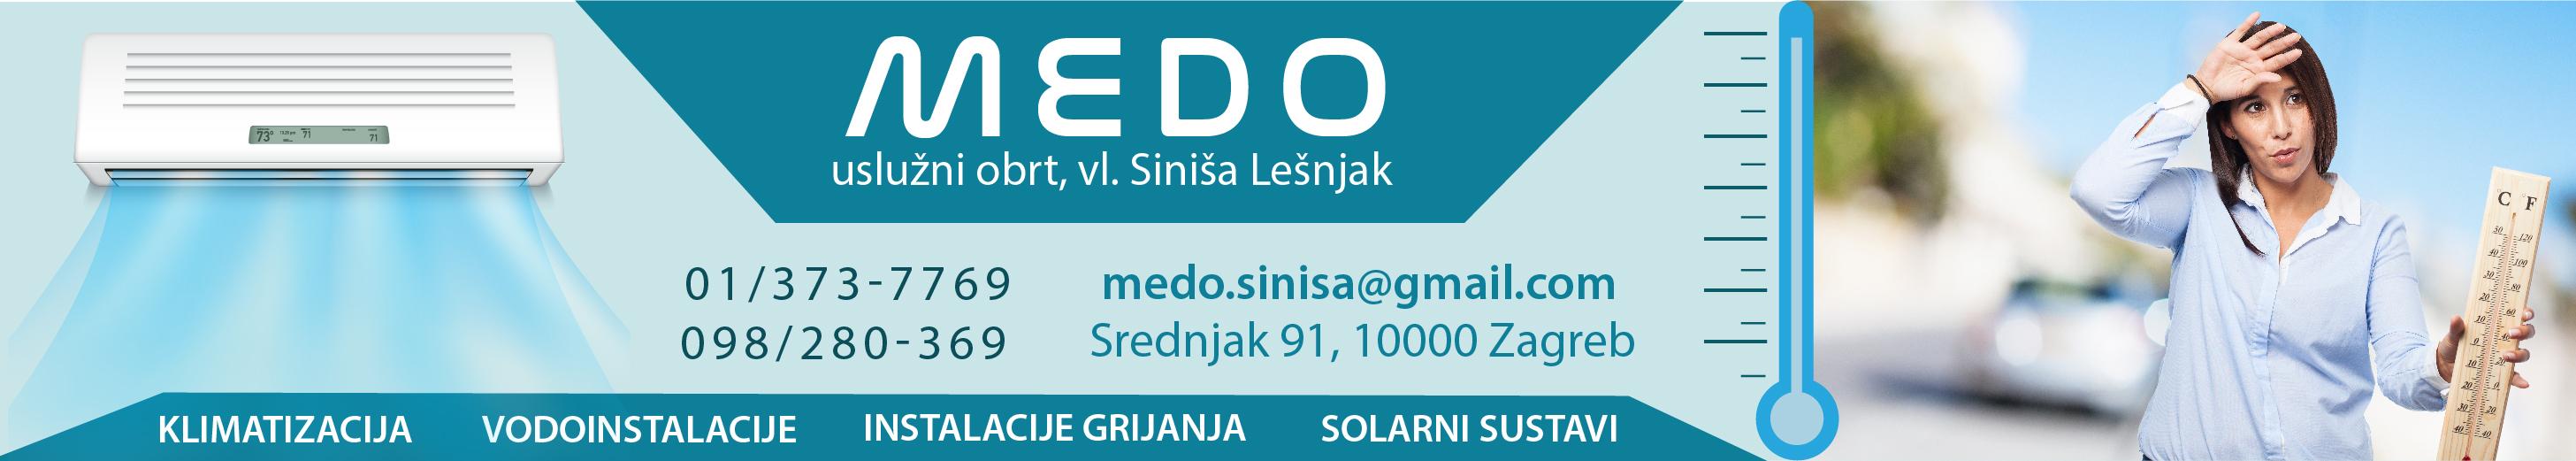 MEDO-usluzni-obrt-banner